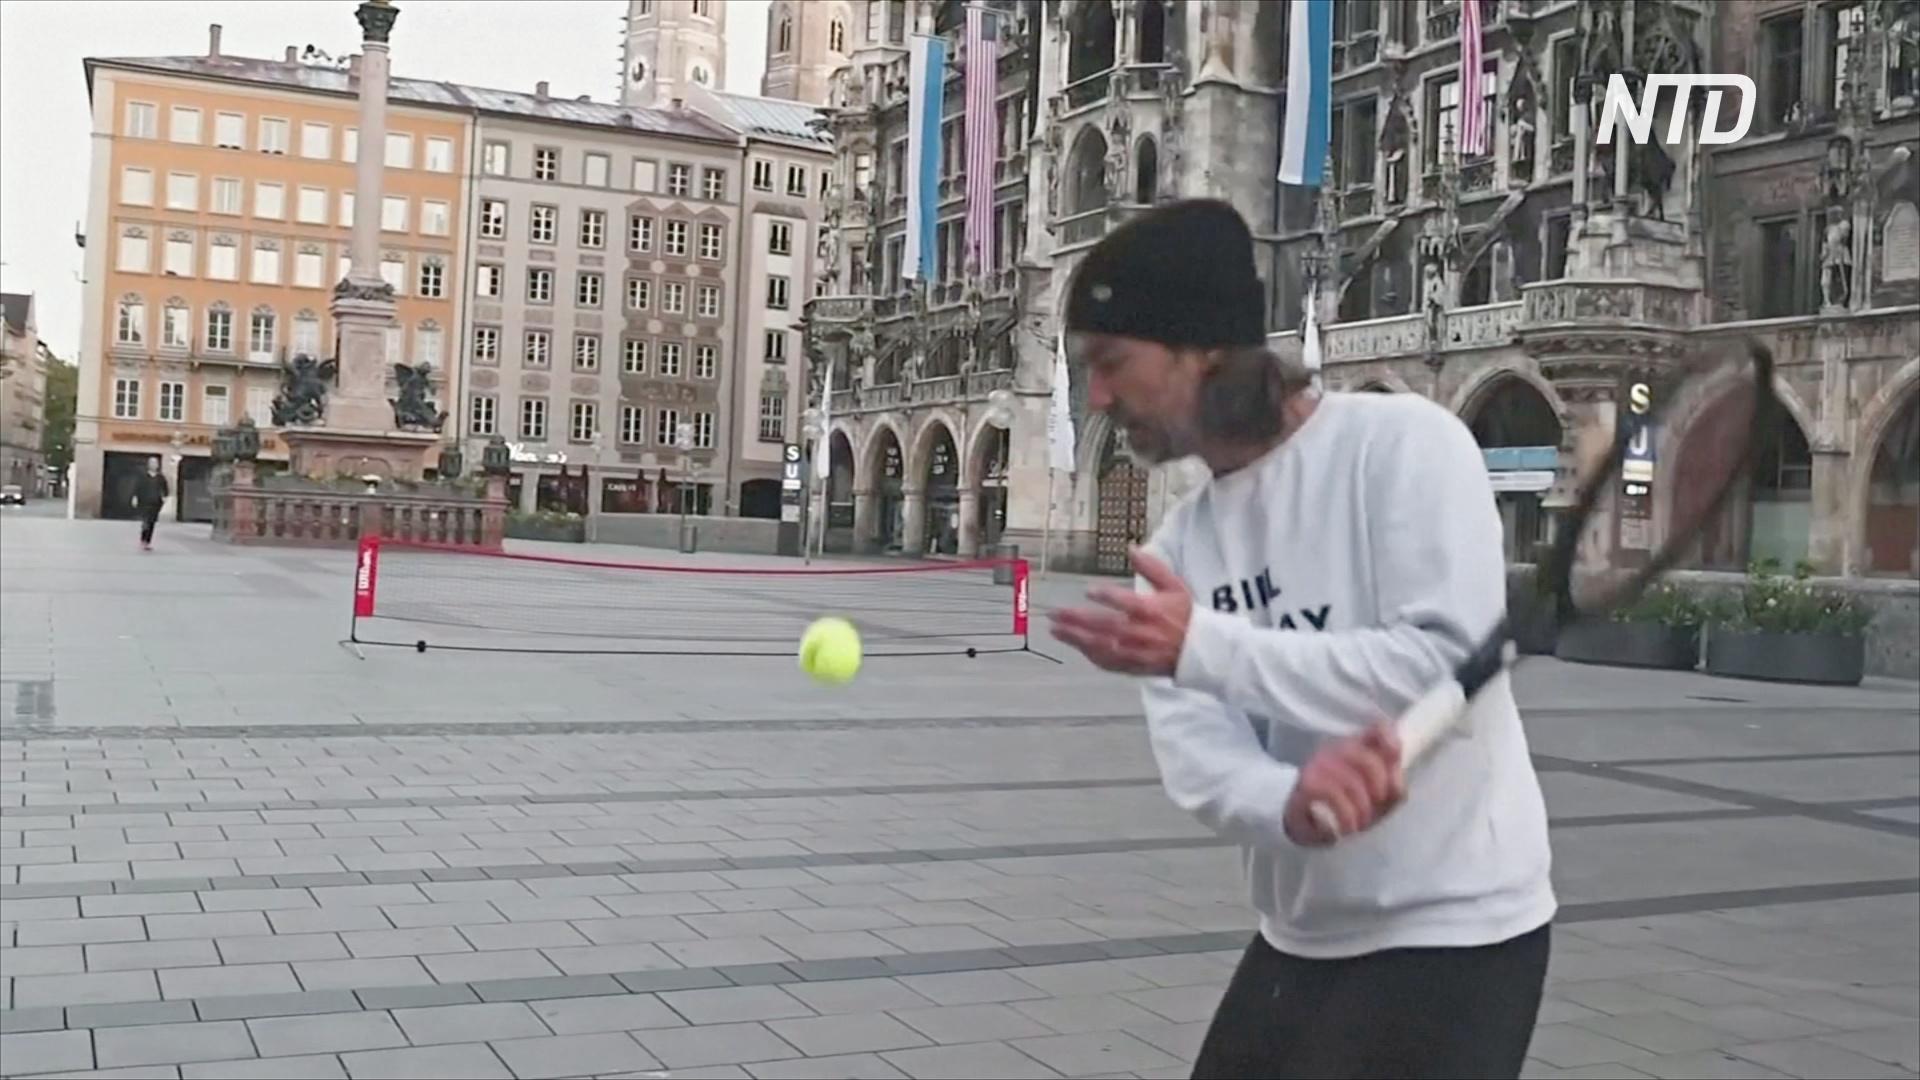 Теннис в условиях карантина: корты переместились на улицы